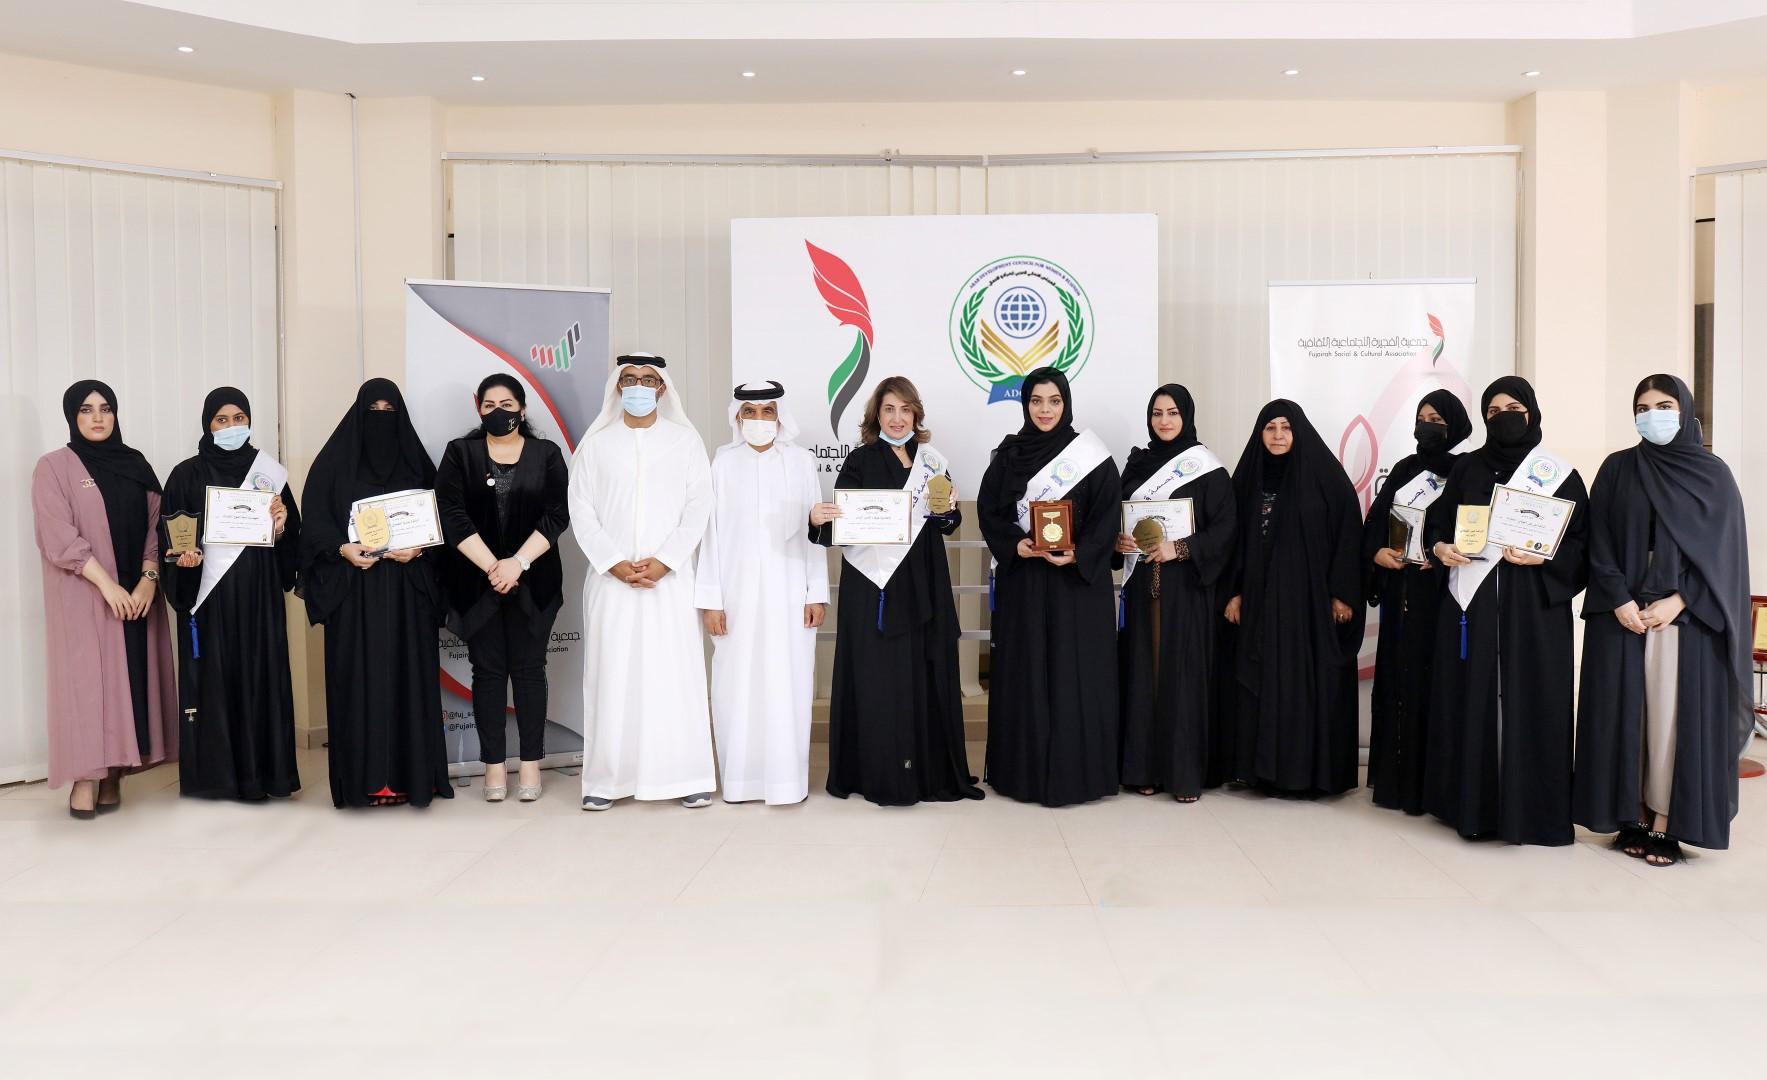 """""""الفجيرة الثقافية """" تكريم 7 فائزات بجائزة """"بصمة قائدة"""""""